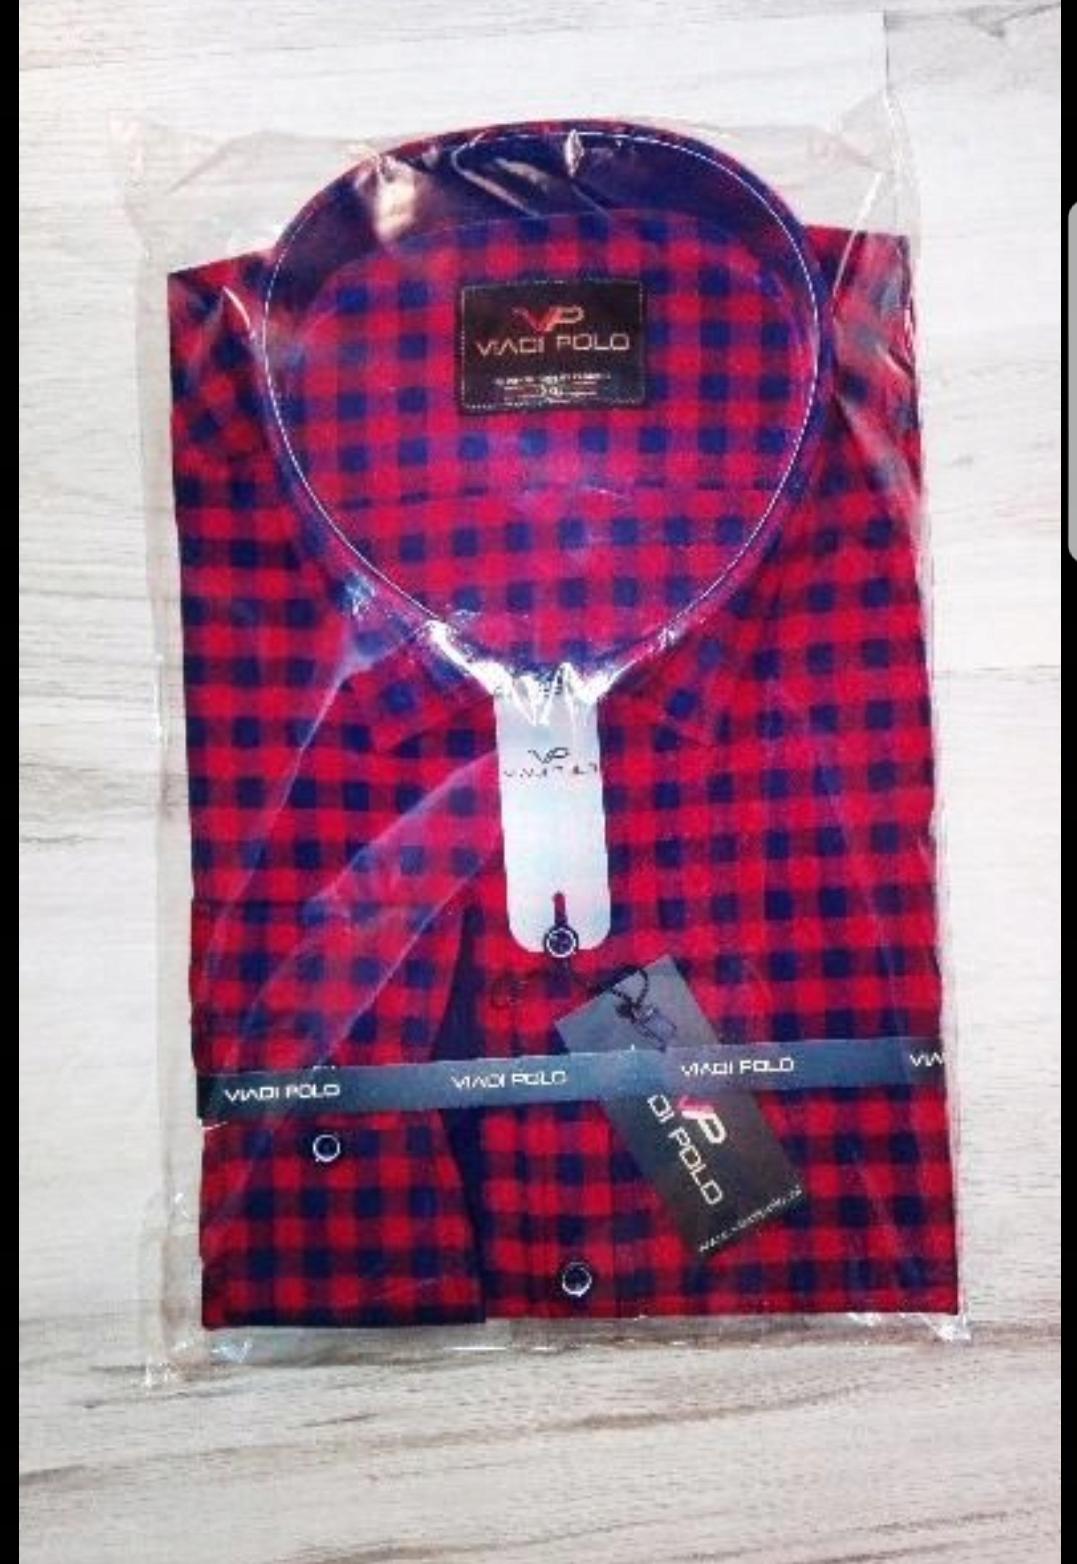 9f9e495a55e99c Koszule męskie w kratę. Viadi Polo . - 7722893284 - oficjalne ...